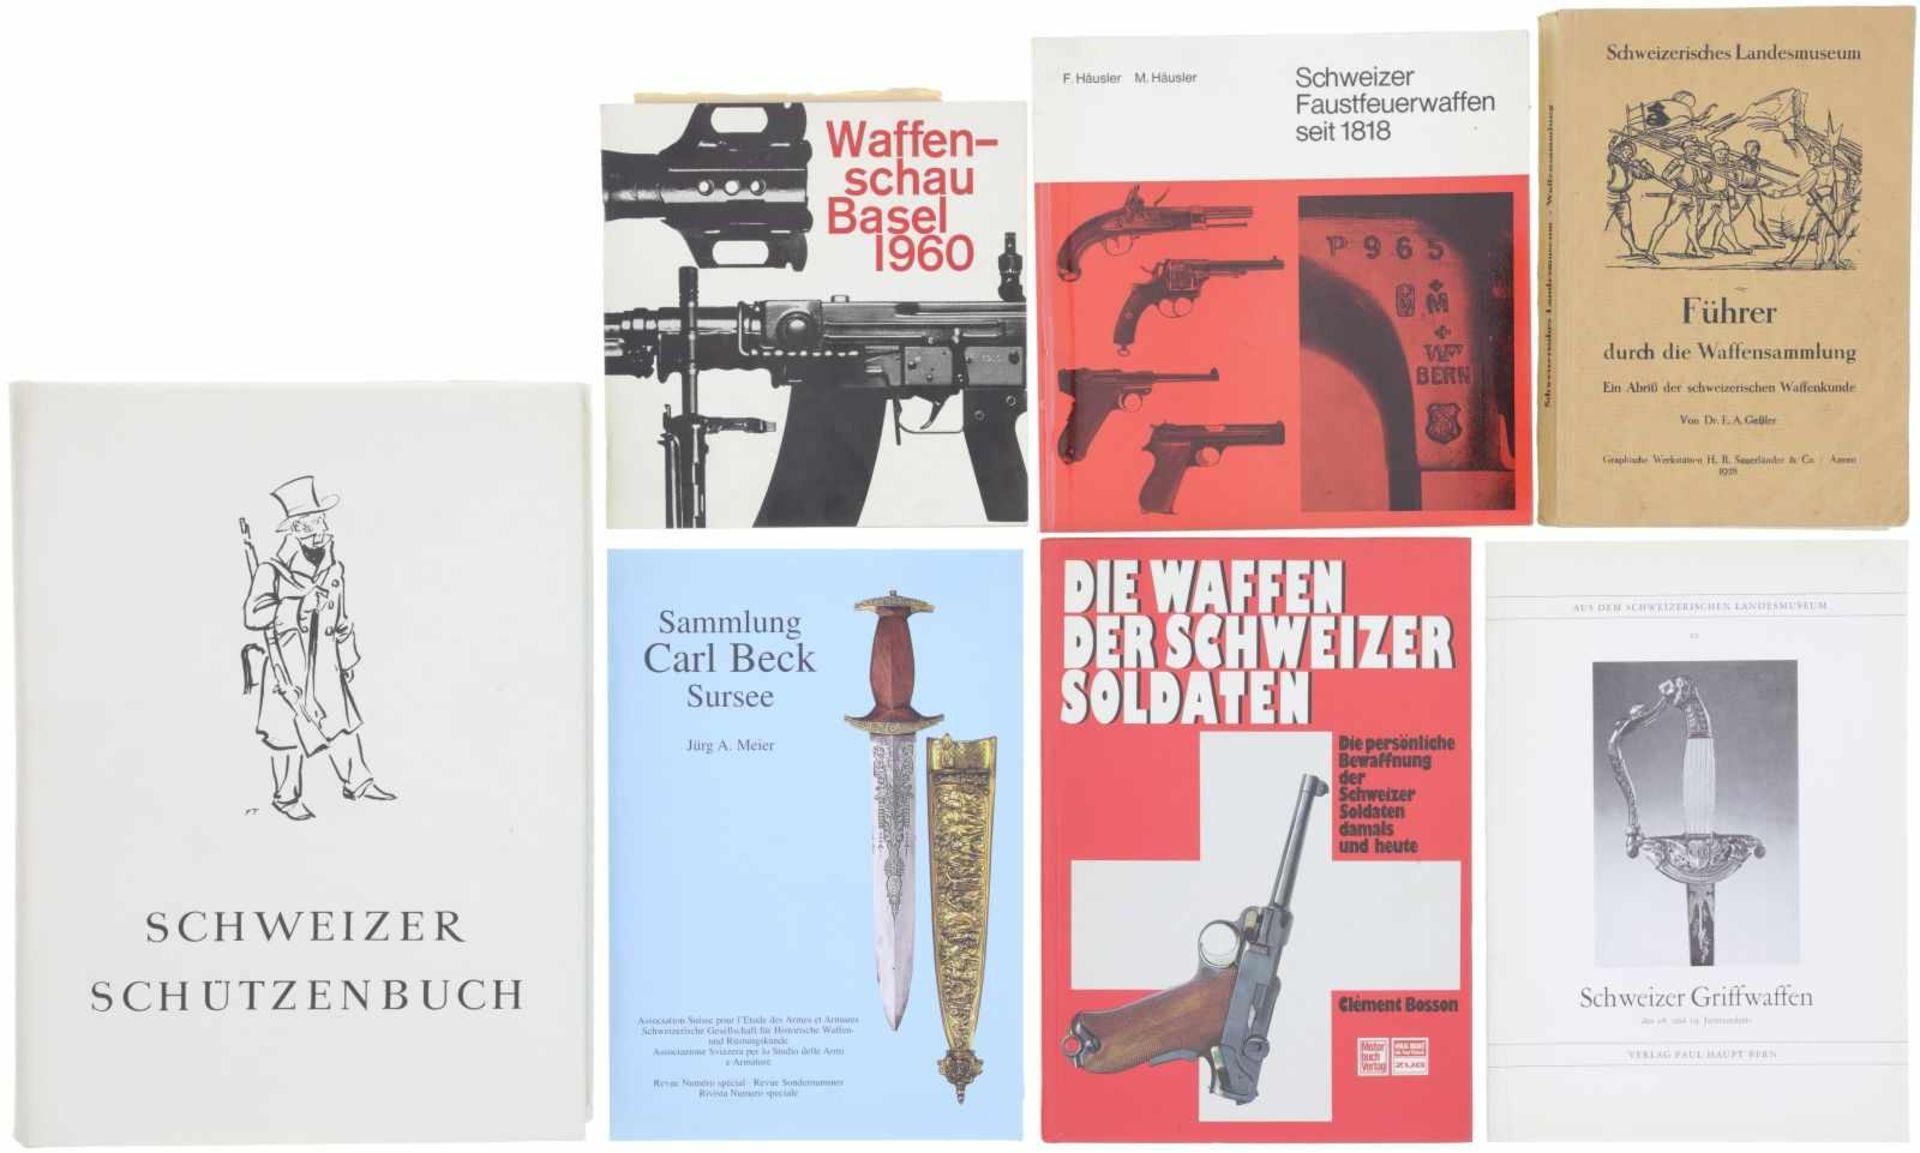 Konvolut von 7 Büchern/Broschüren von Schweizer Waffen@ 1. Führer durch die Waffensammlung des